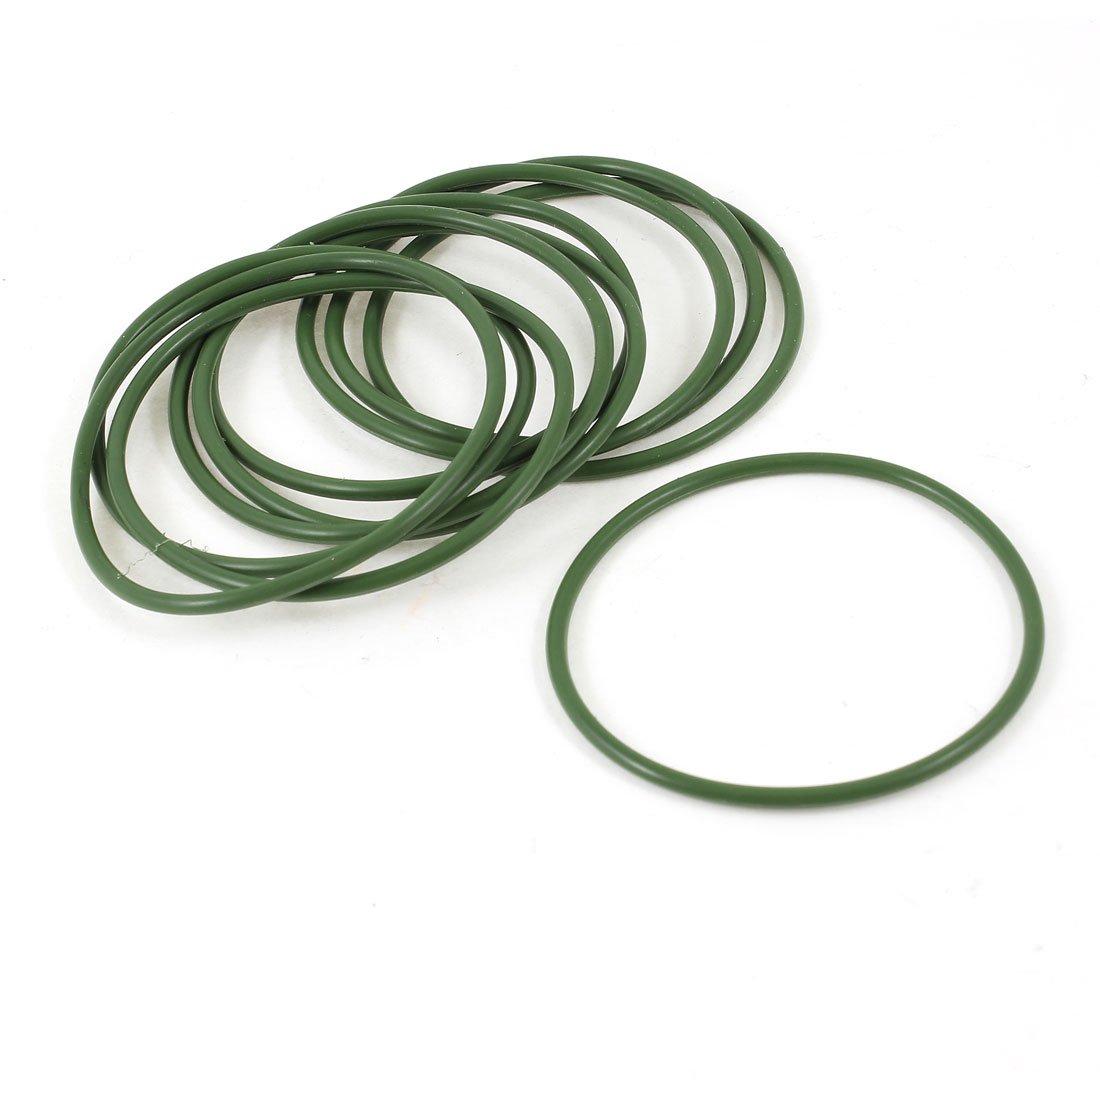 Sourcingmap - 10 pezzi 60 mm guarnizioni di tenuta diametro esterno olio anello di gomma o verdi a13120400ux0752